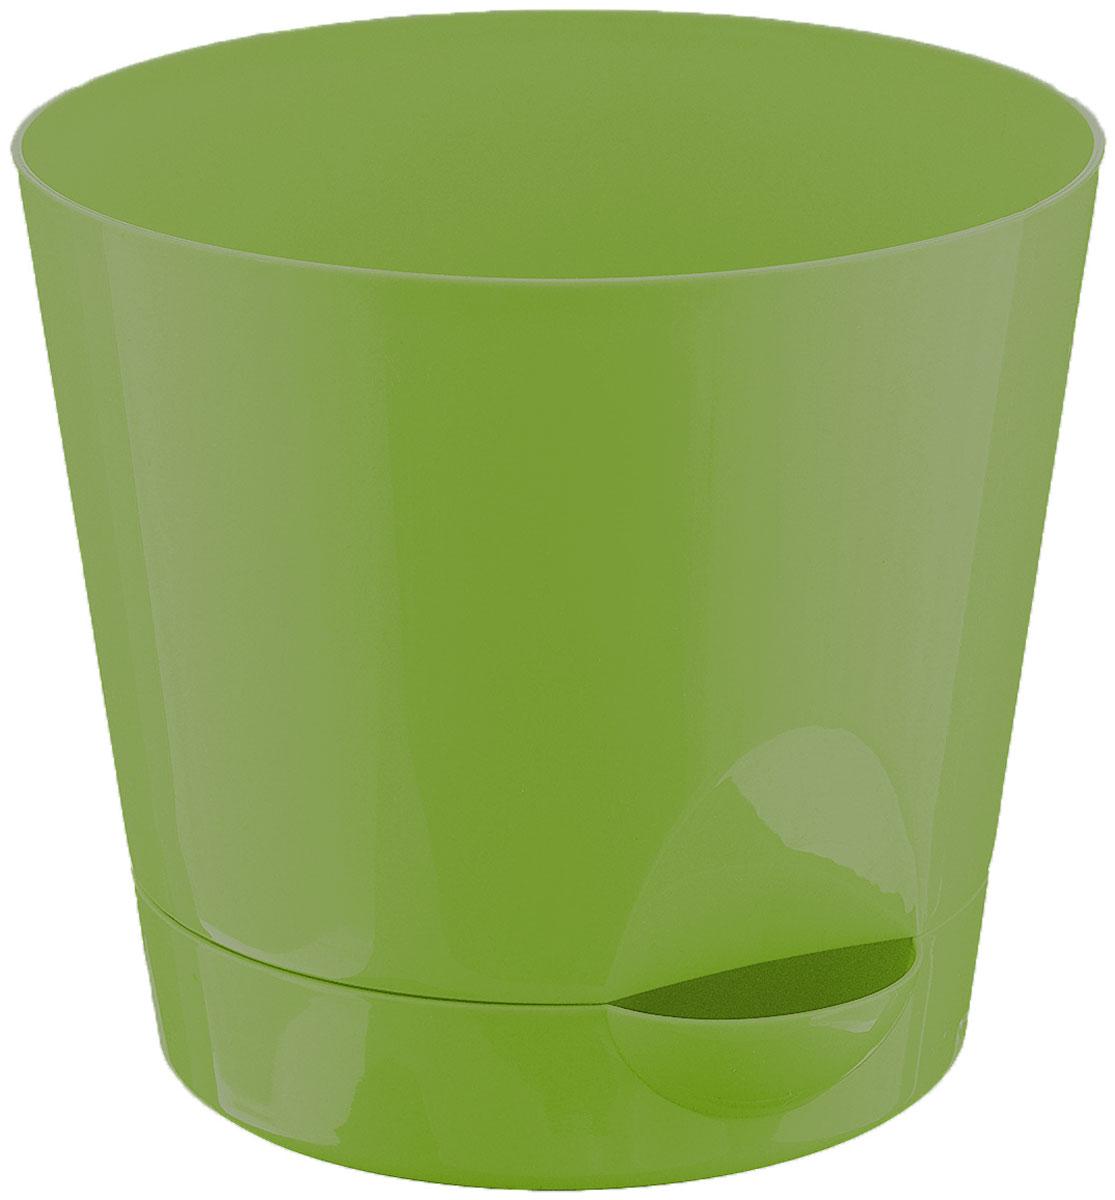 Кашпо Idea Ника, с прикорневым поливом, с поддоном, цвет: ярко-зеленый, 2,7 л горшок ника гортензия d12см 0 8л с прикорневым поливом